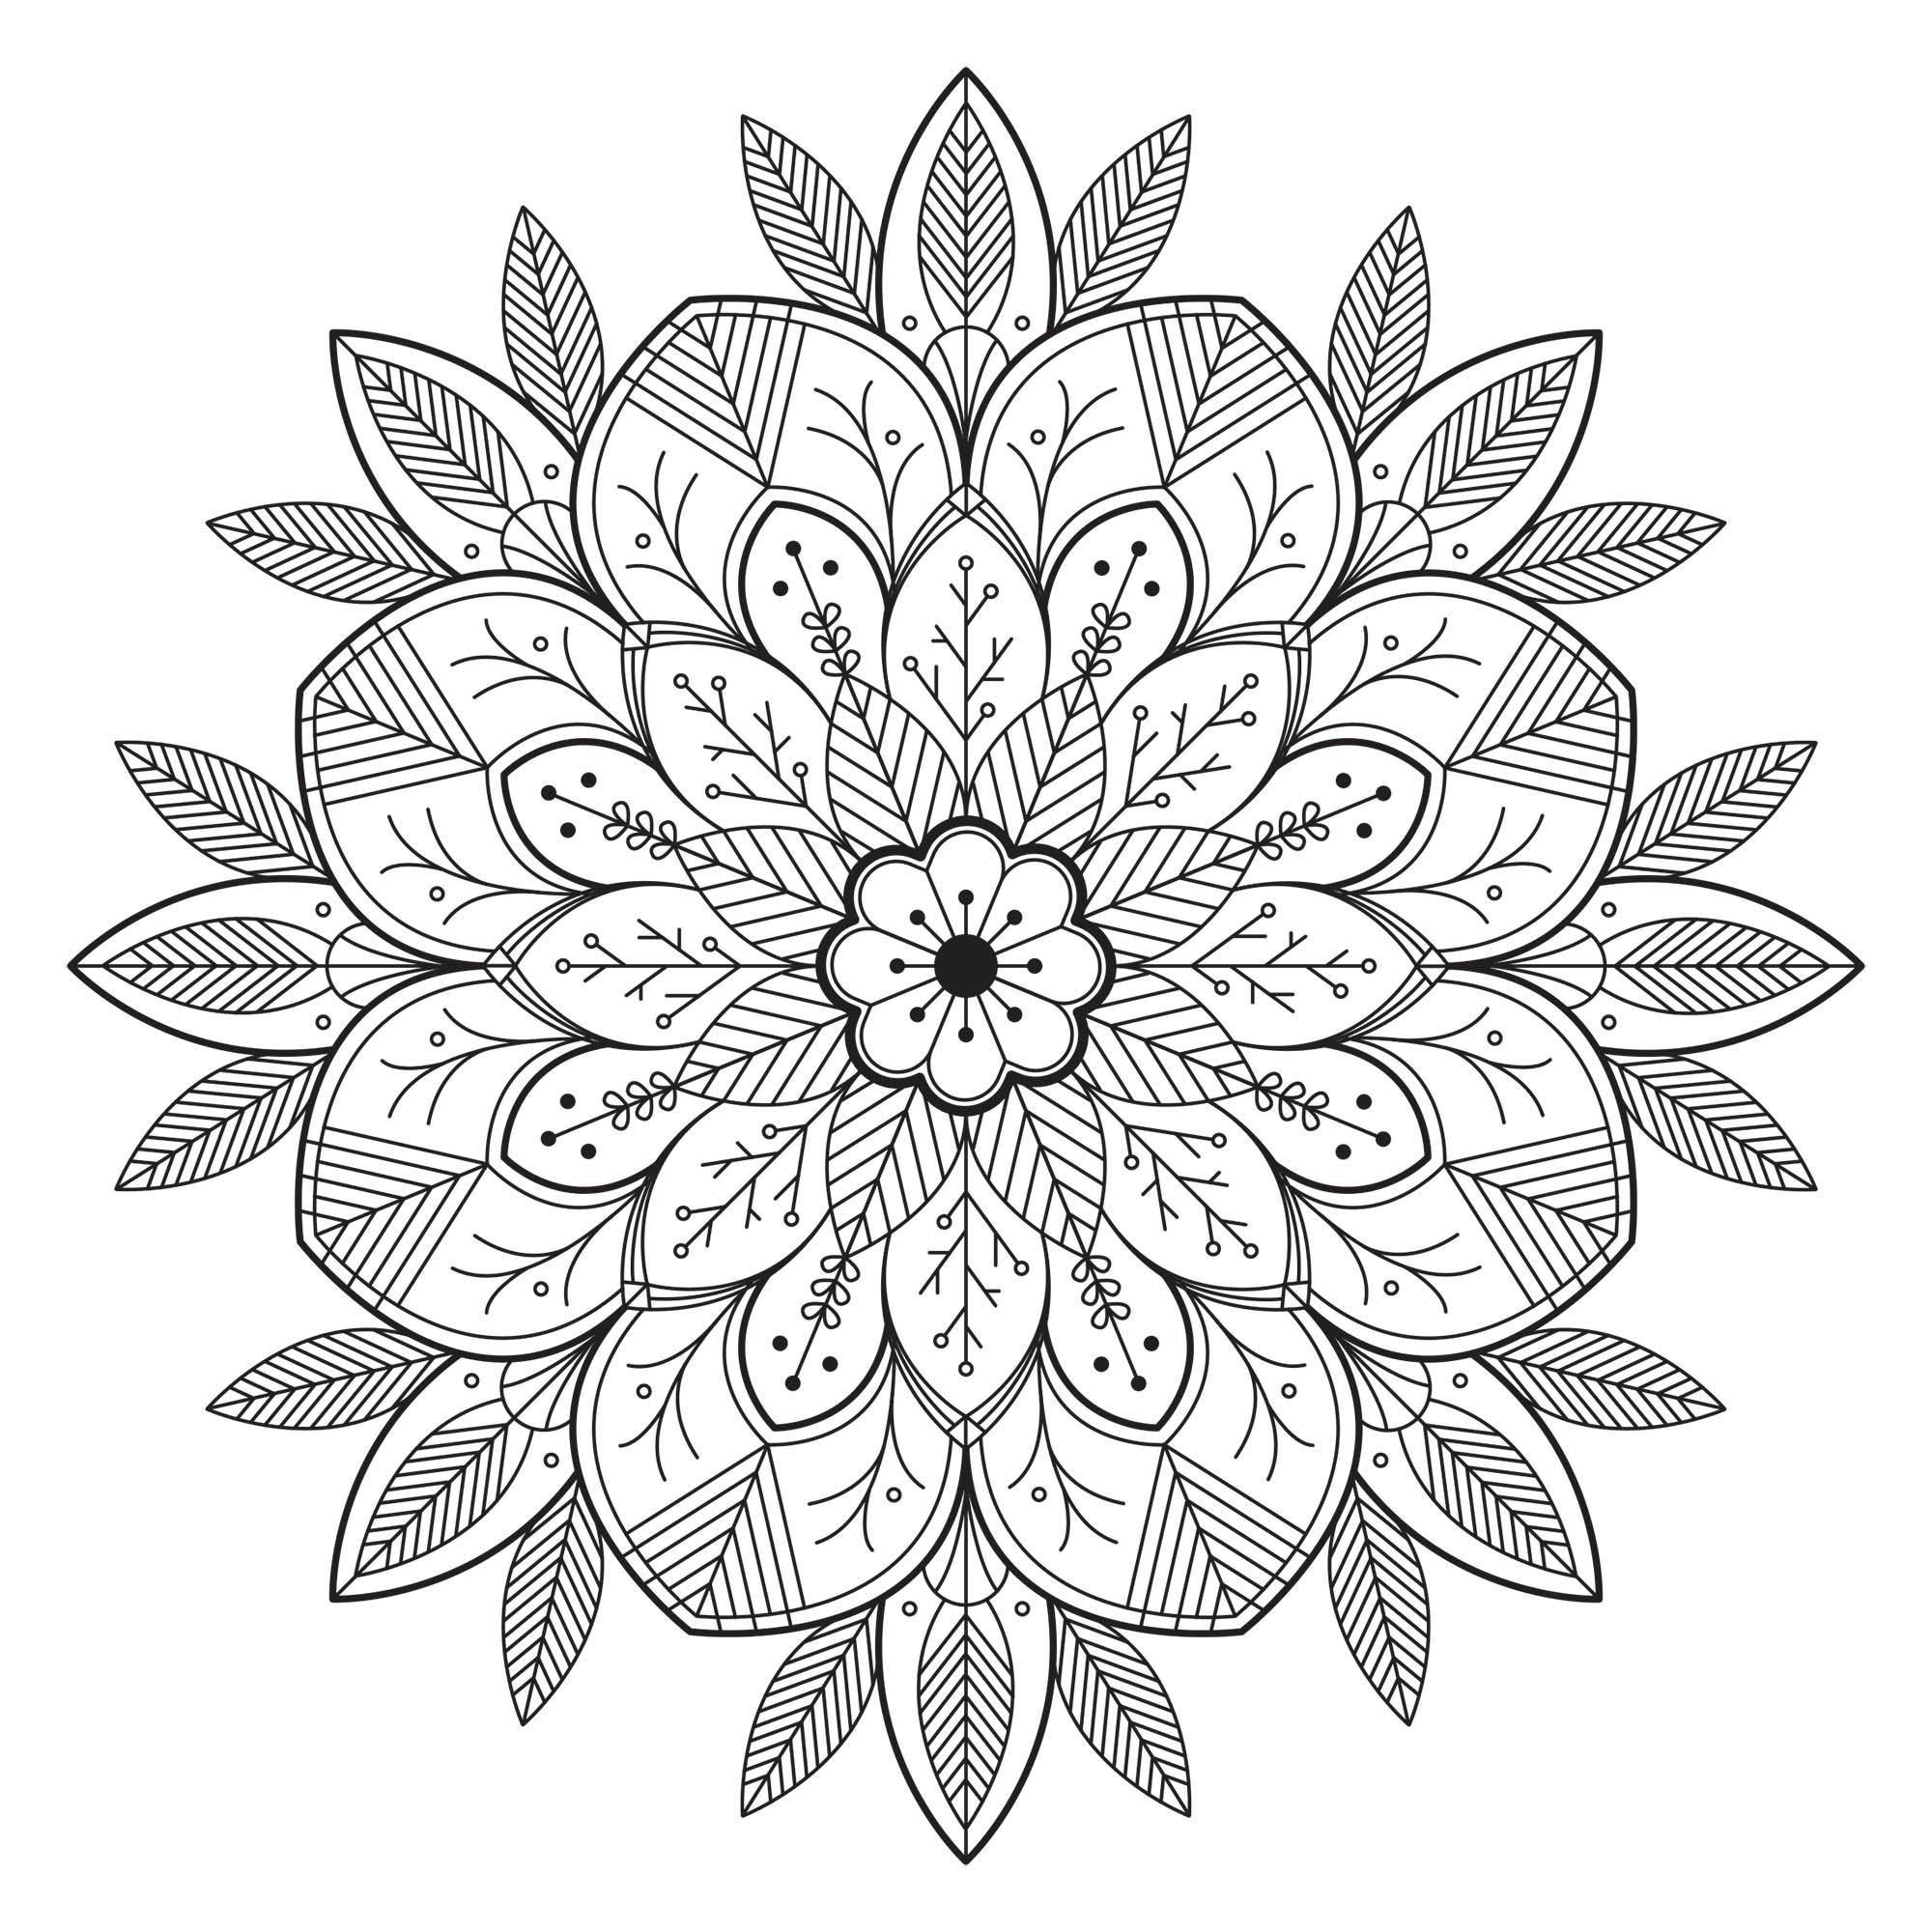 Simple mandala fleuri feuillu mandalas coloriages difficiles pour adultes - Coloriage fleur mandala ...